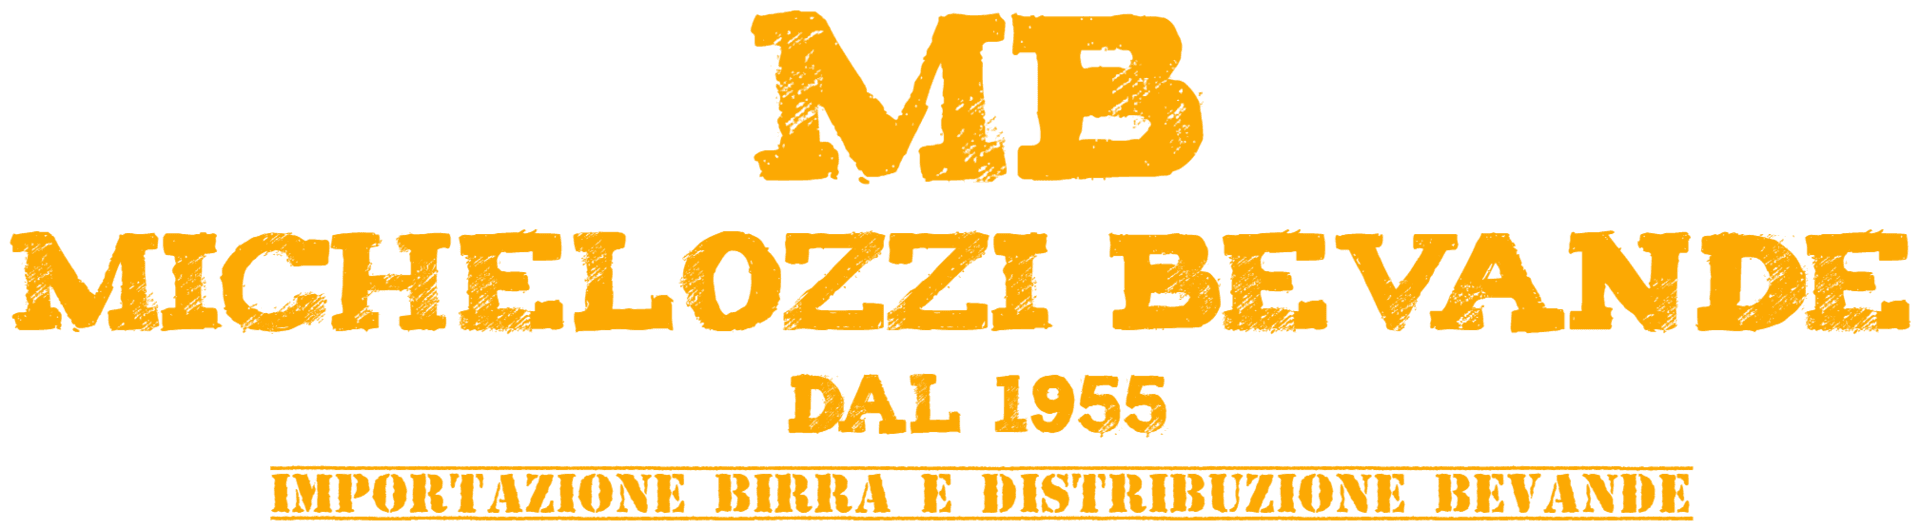 Michelozzi importazione birre - logo